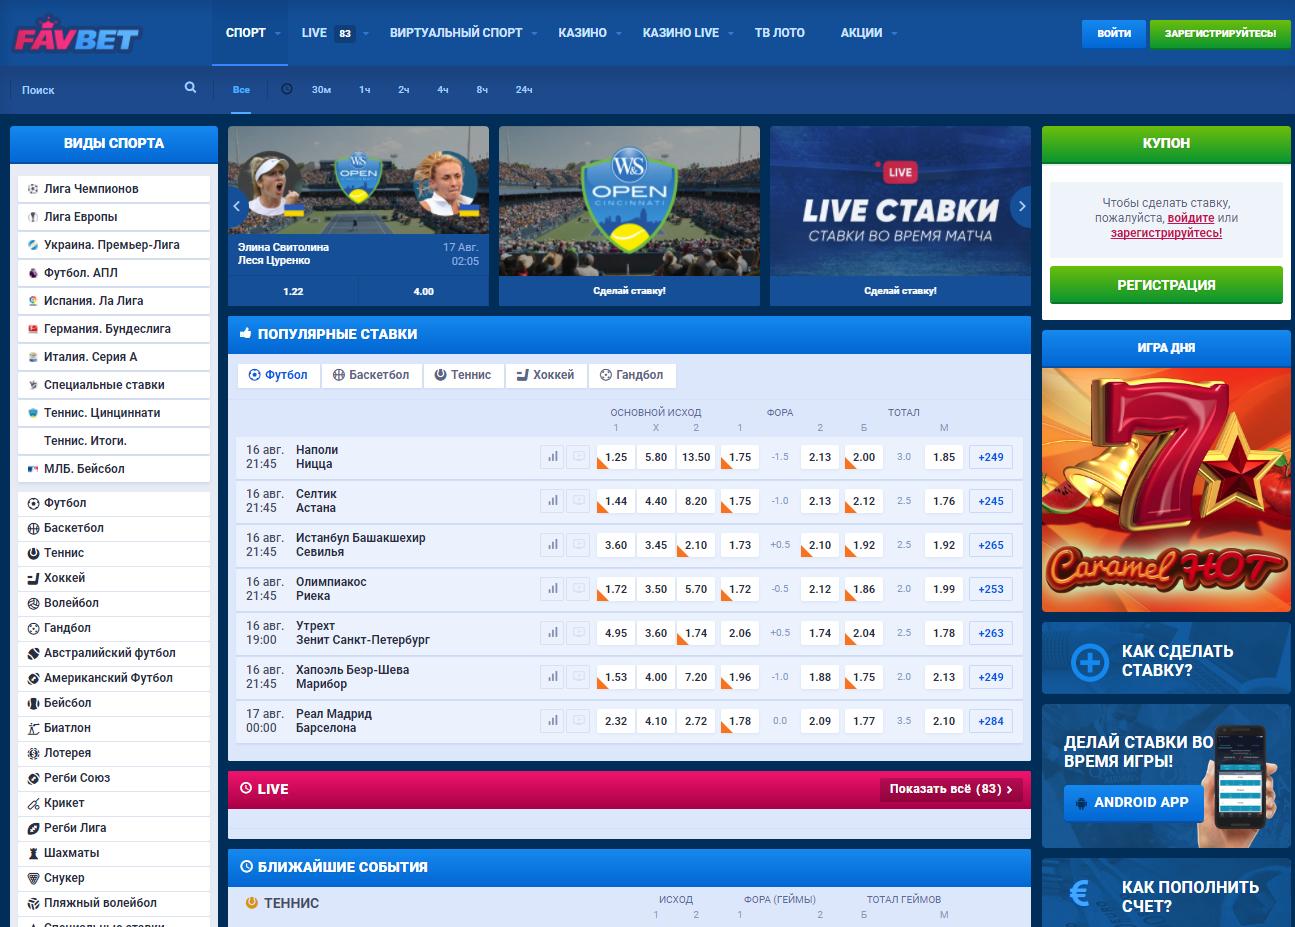 Создать сайт ставок на спорт бесплатно - конструктор сайтов 7